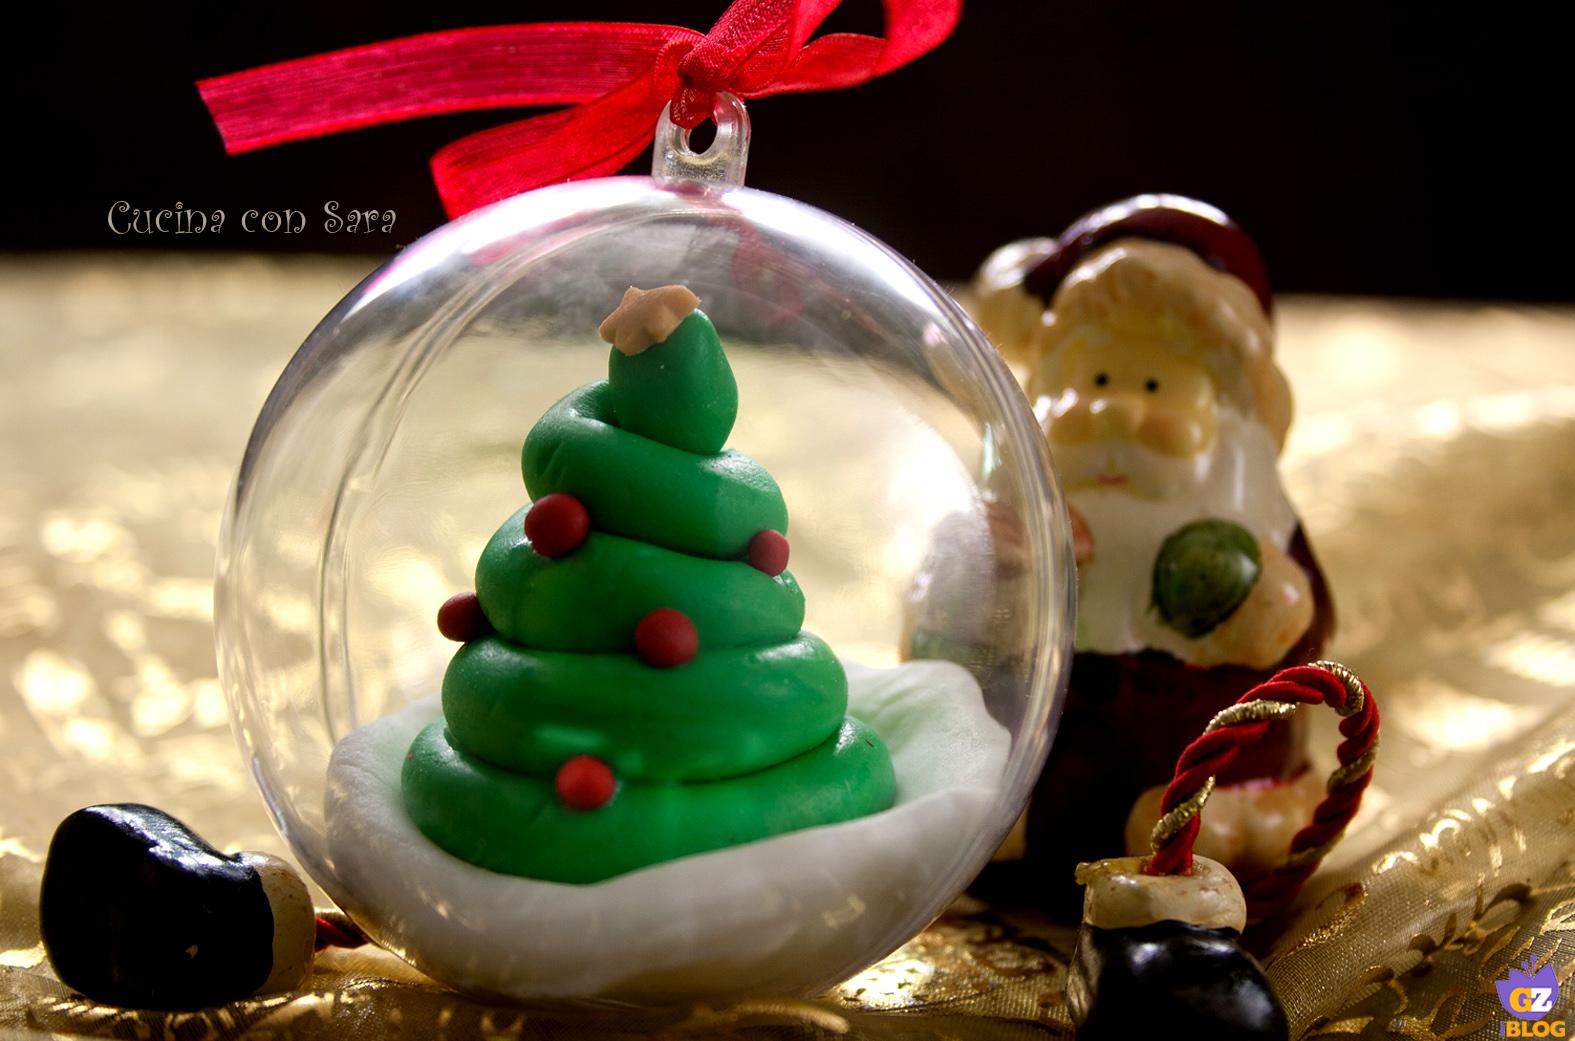 Palle di natale decorate con tutorial cucina con sara for Sedie decorate per natale